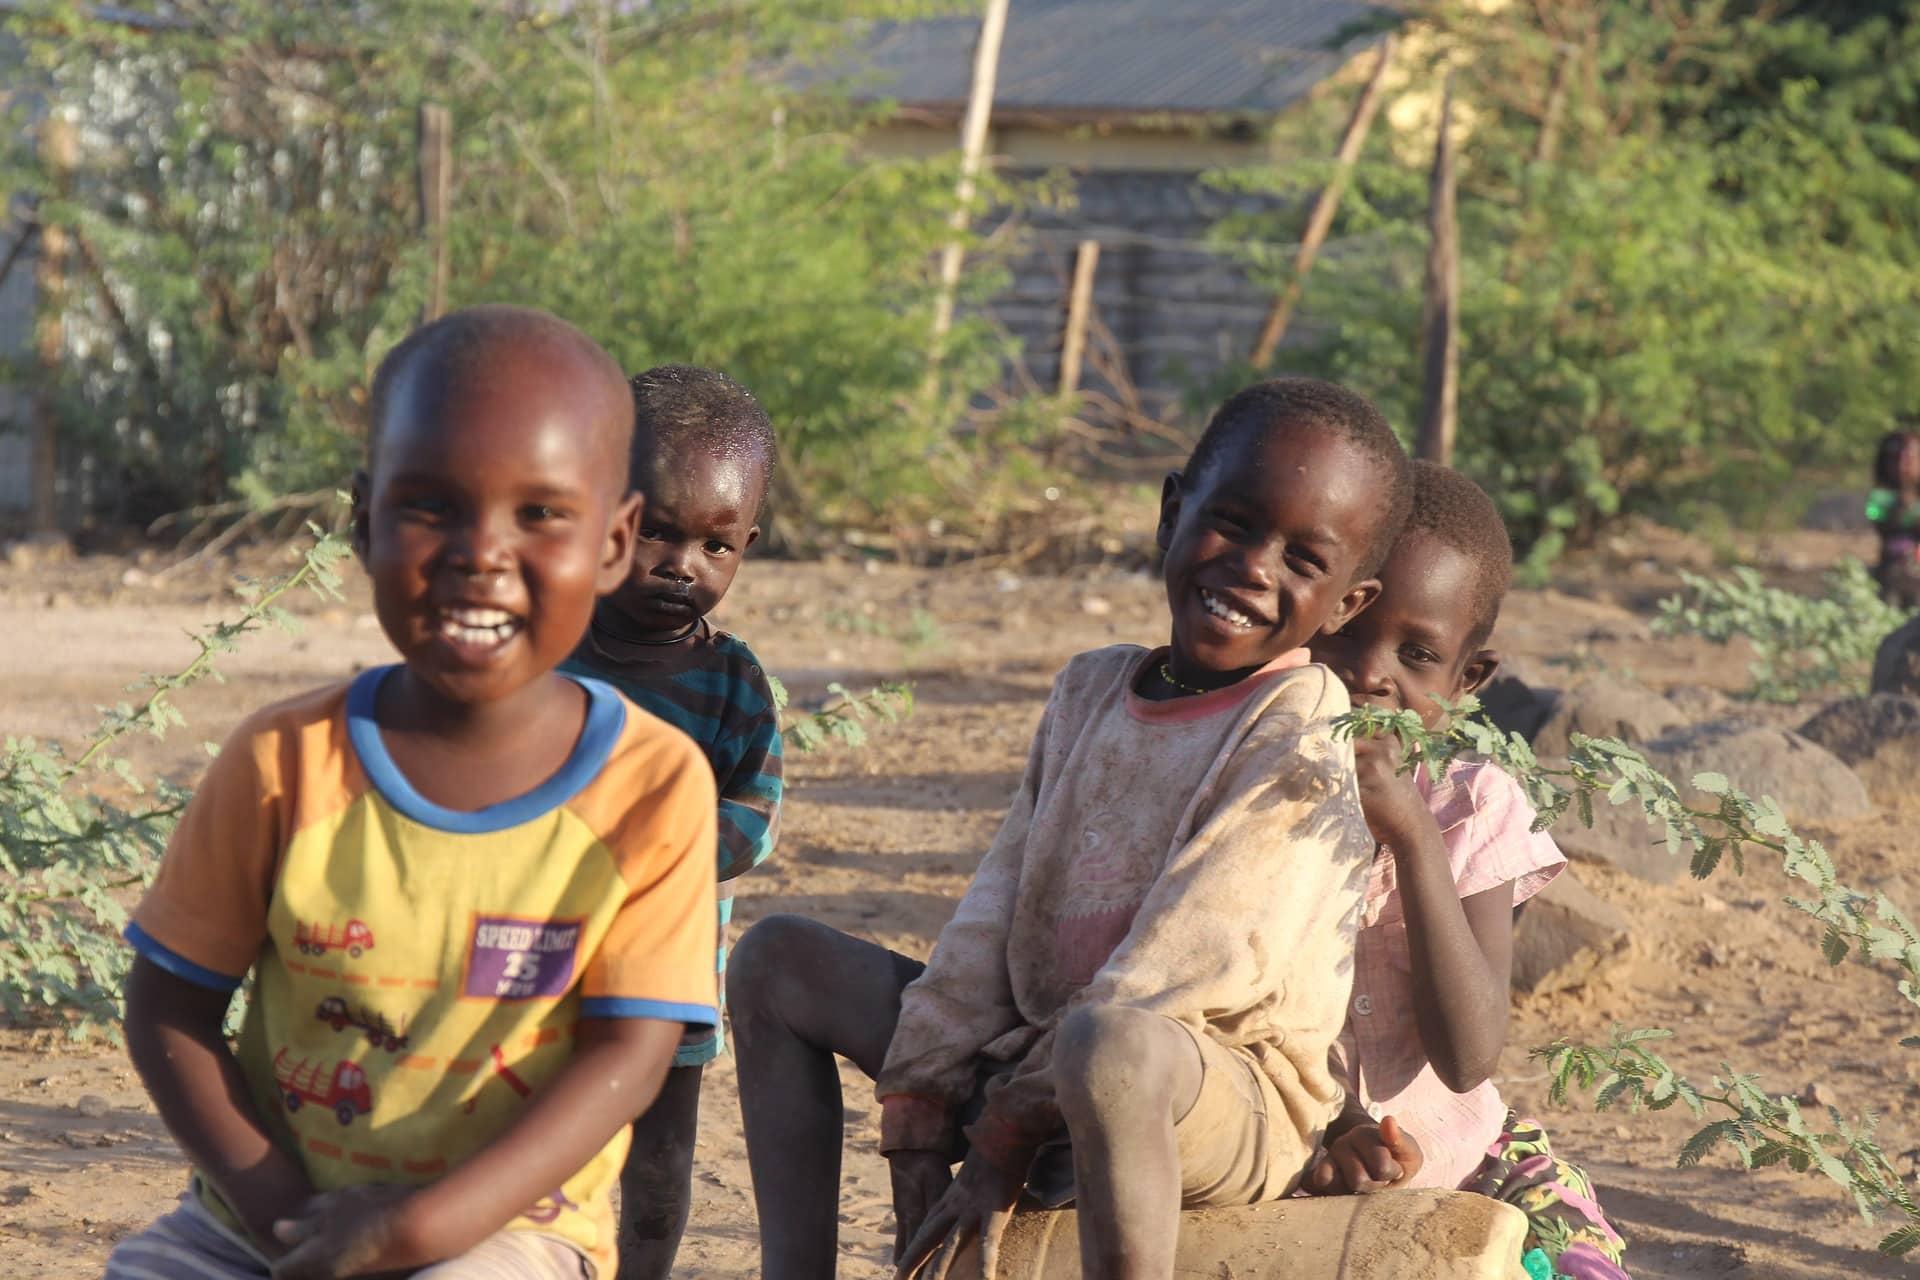 Volontariato internazionale in Kenya per un progetto di sviluppo della comunità